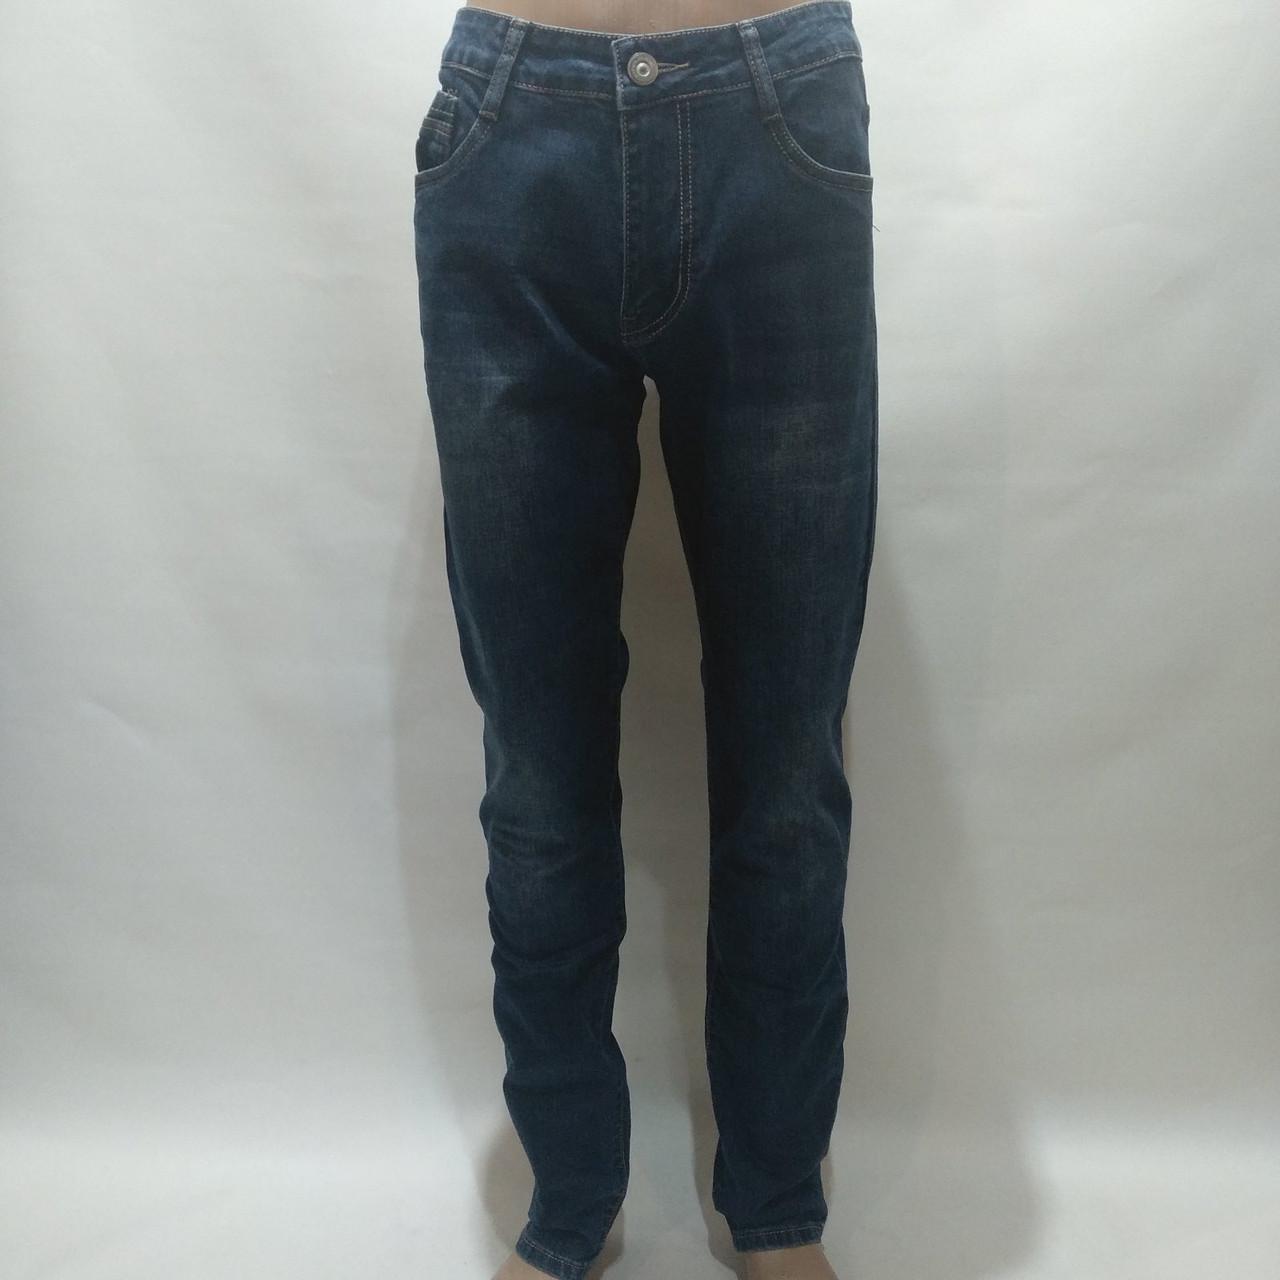 36,37,38 р. Чоловічі джинси хорошої якості Viman